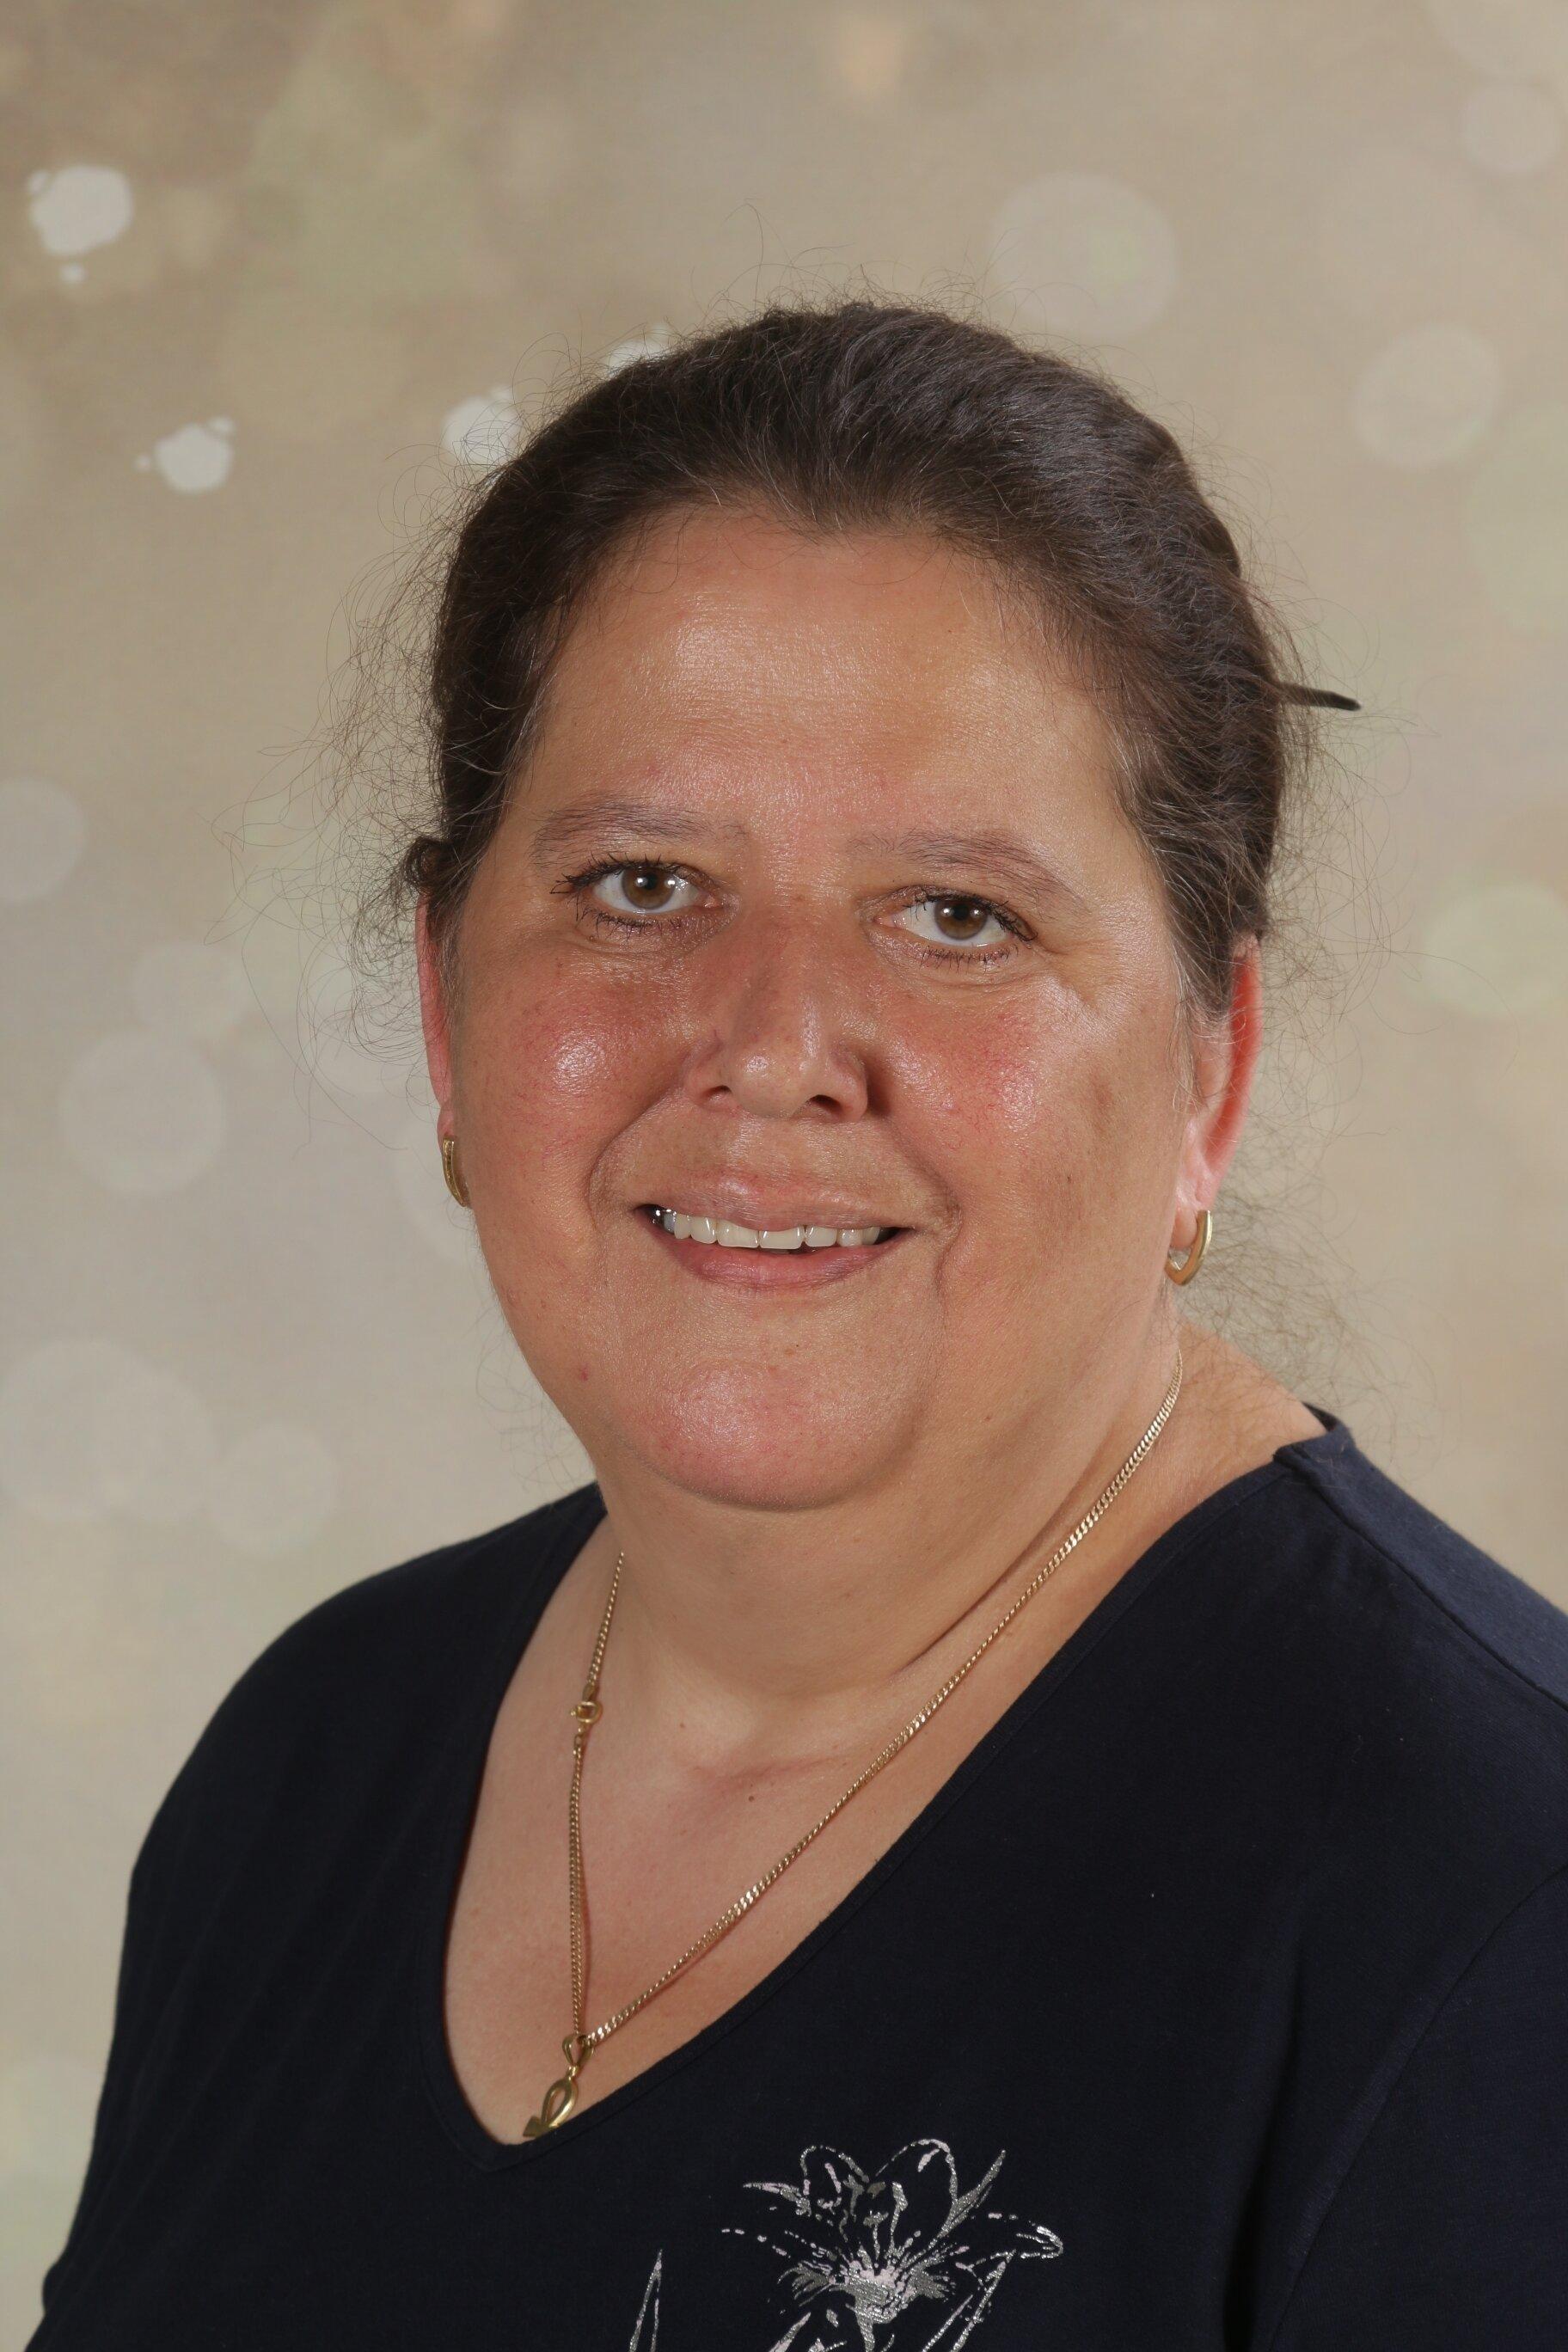 Ursula Hartmann